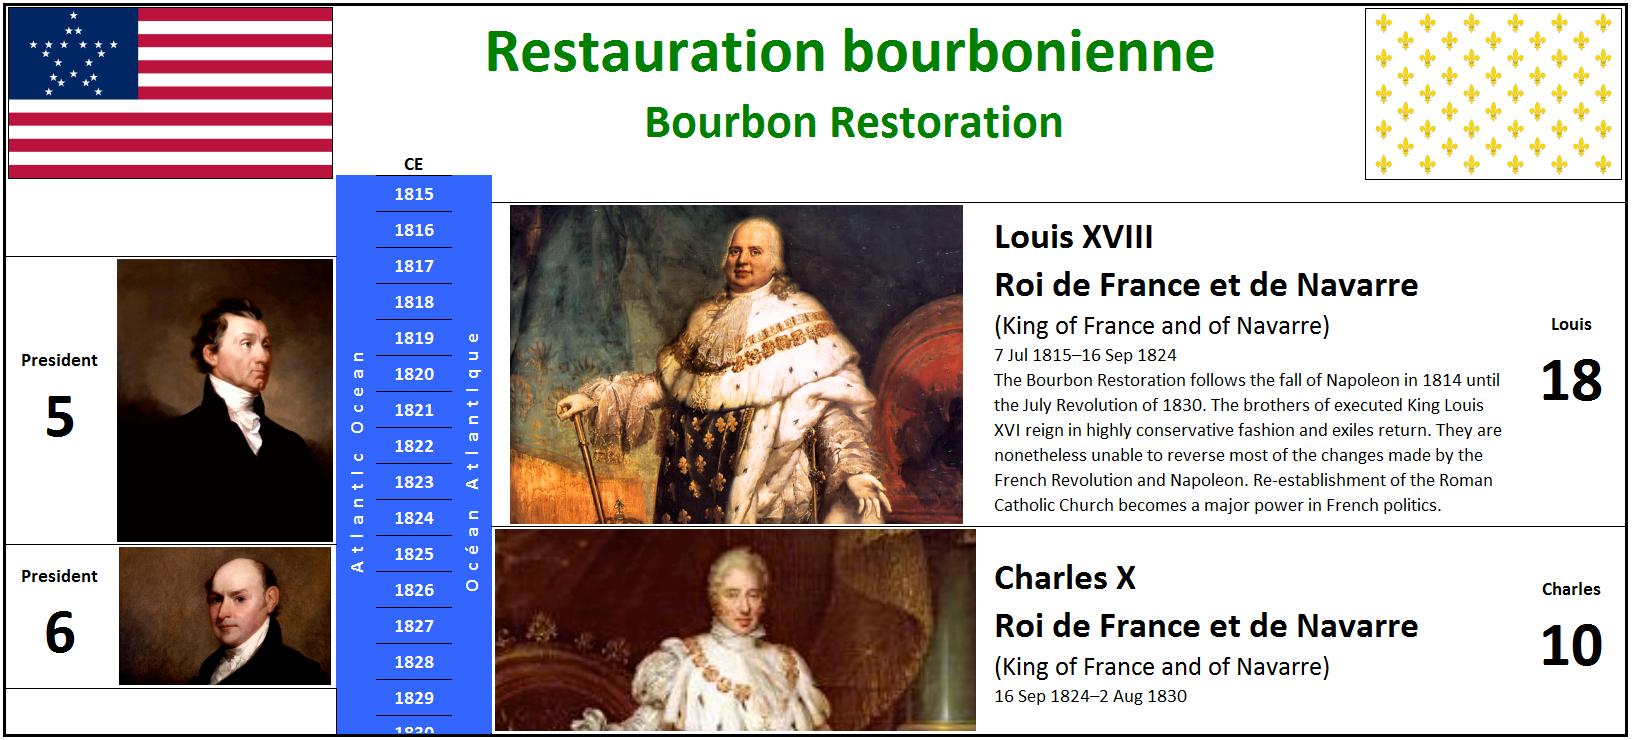 1815 Restauration bourbonienne